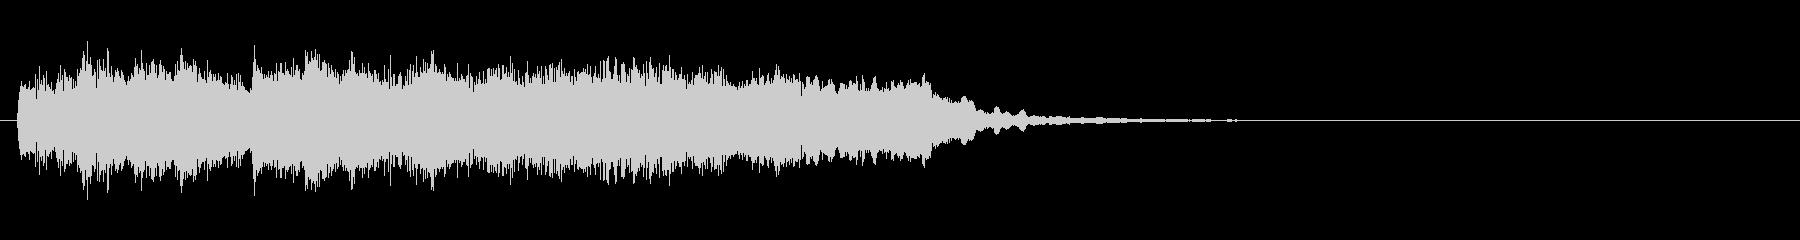 番組ジングル■近未来風、生バイオリン旋律の未再生の波形